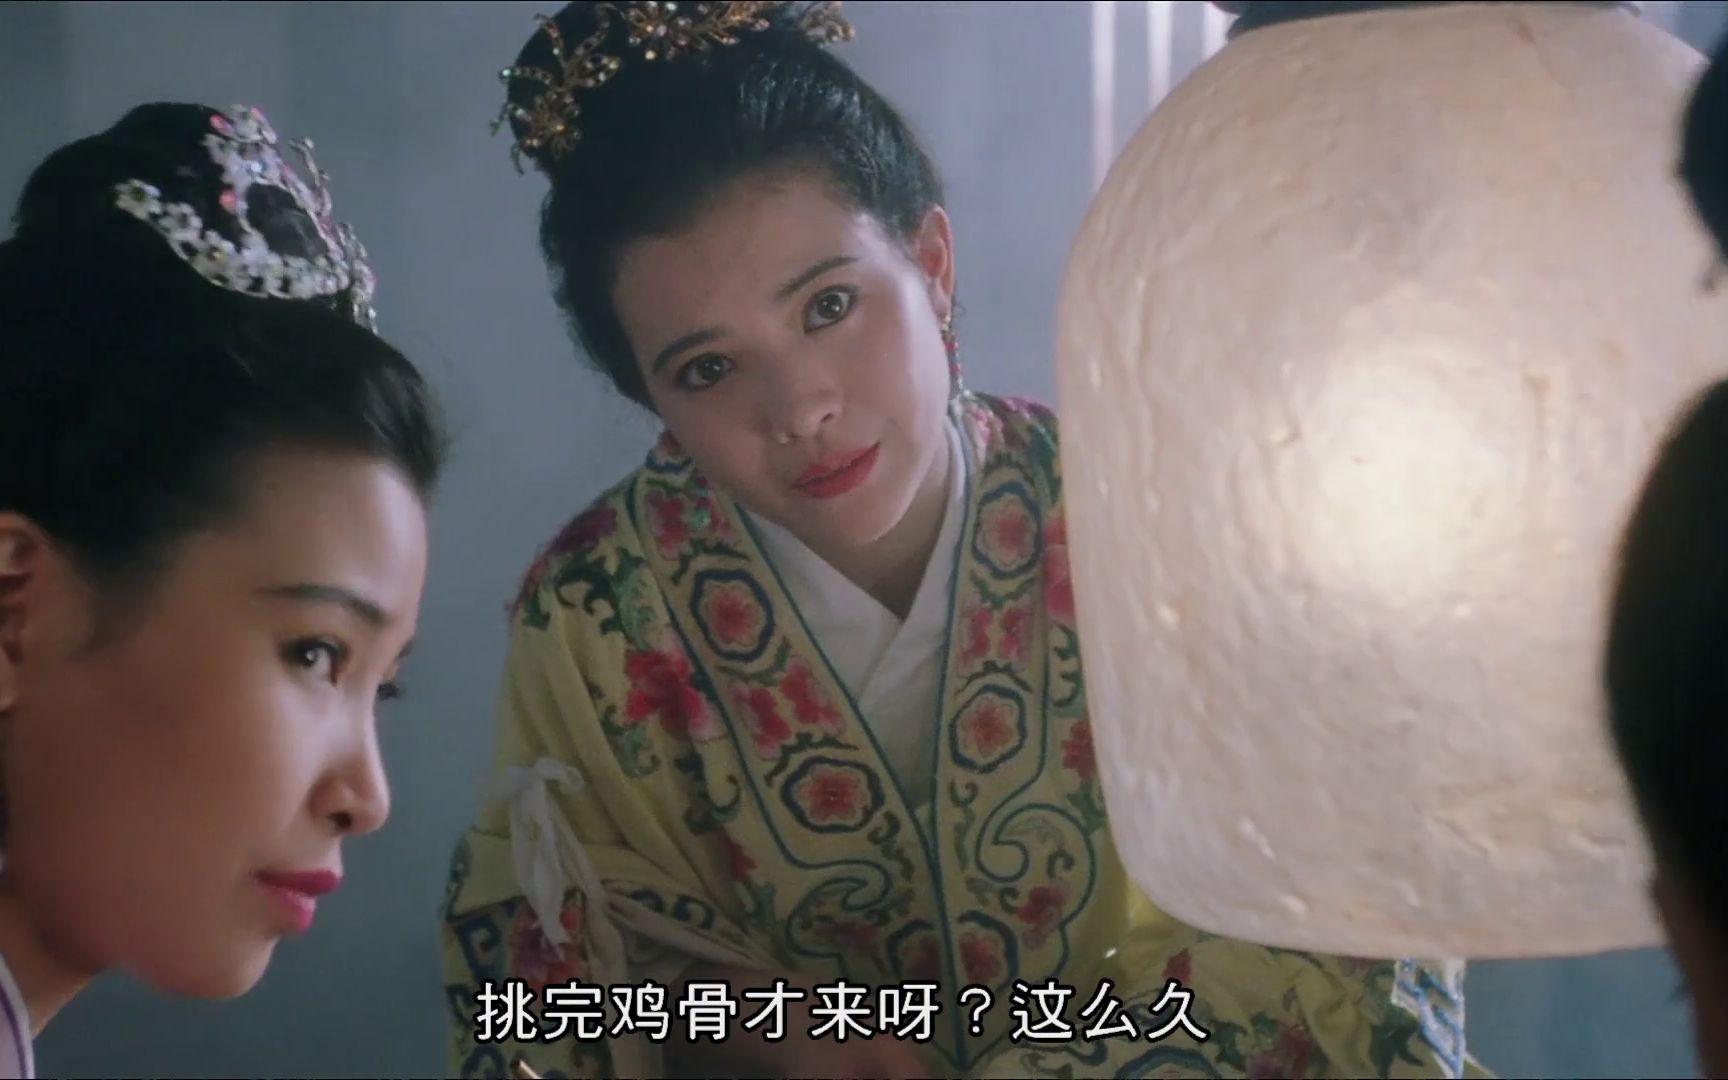 蓝洁瑛去世令人惋惜,尤记得在周星驰电影唐伯虎点秋香中的片段,印象深刻